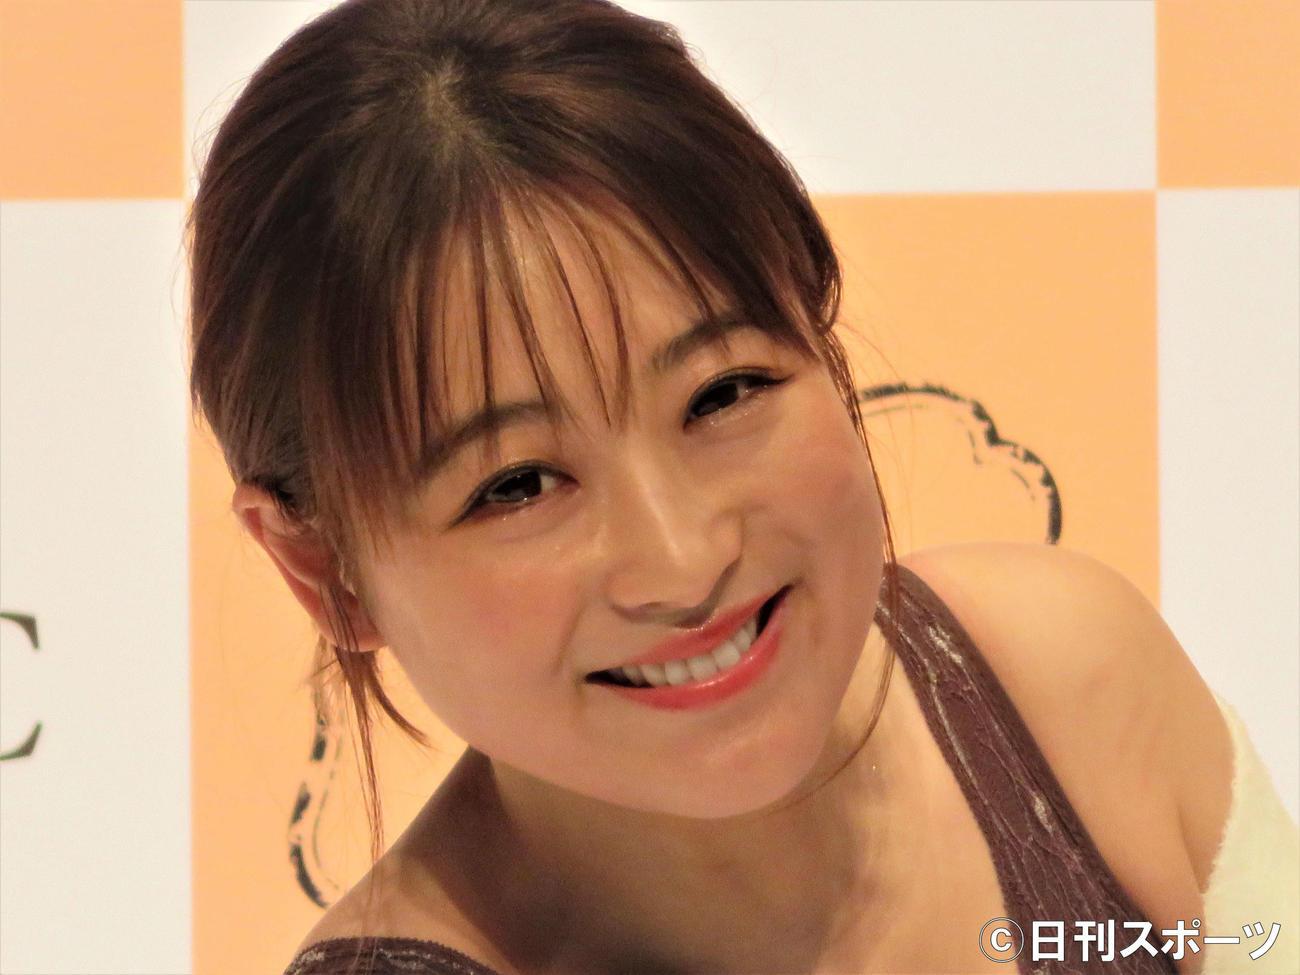 「LUNAナチュラルアップナイトブラ」新カラー発表会に出席した鈴木奈々(撮影・三須佳夏)